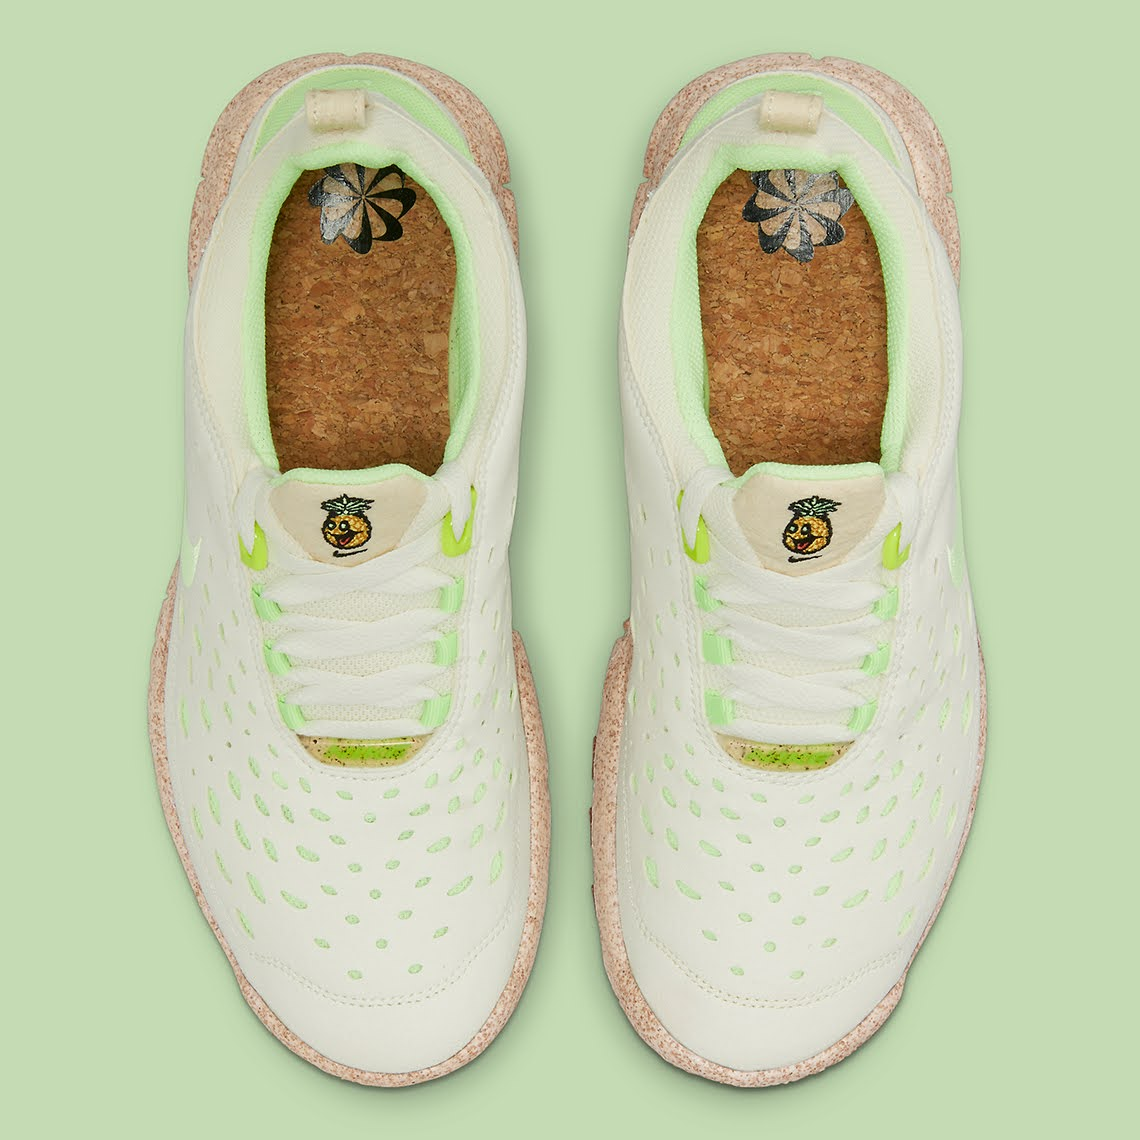 """ナイキ フリー ラン トレイル """"ハッピー パイナップル"""" Nike-Free-Run-Trail-happy-pineapple-CZ9079-100-top"""